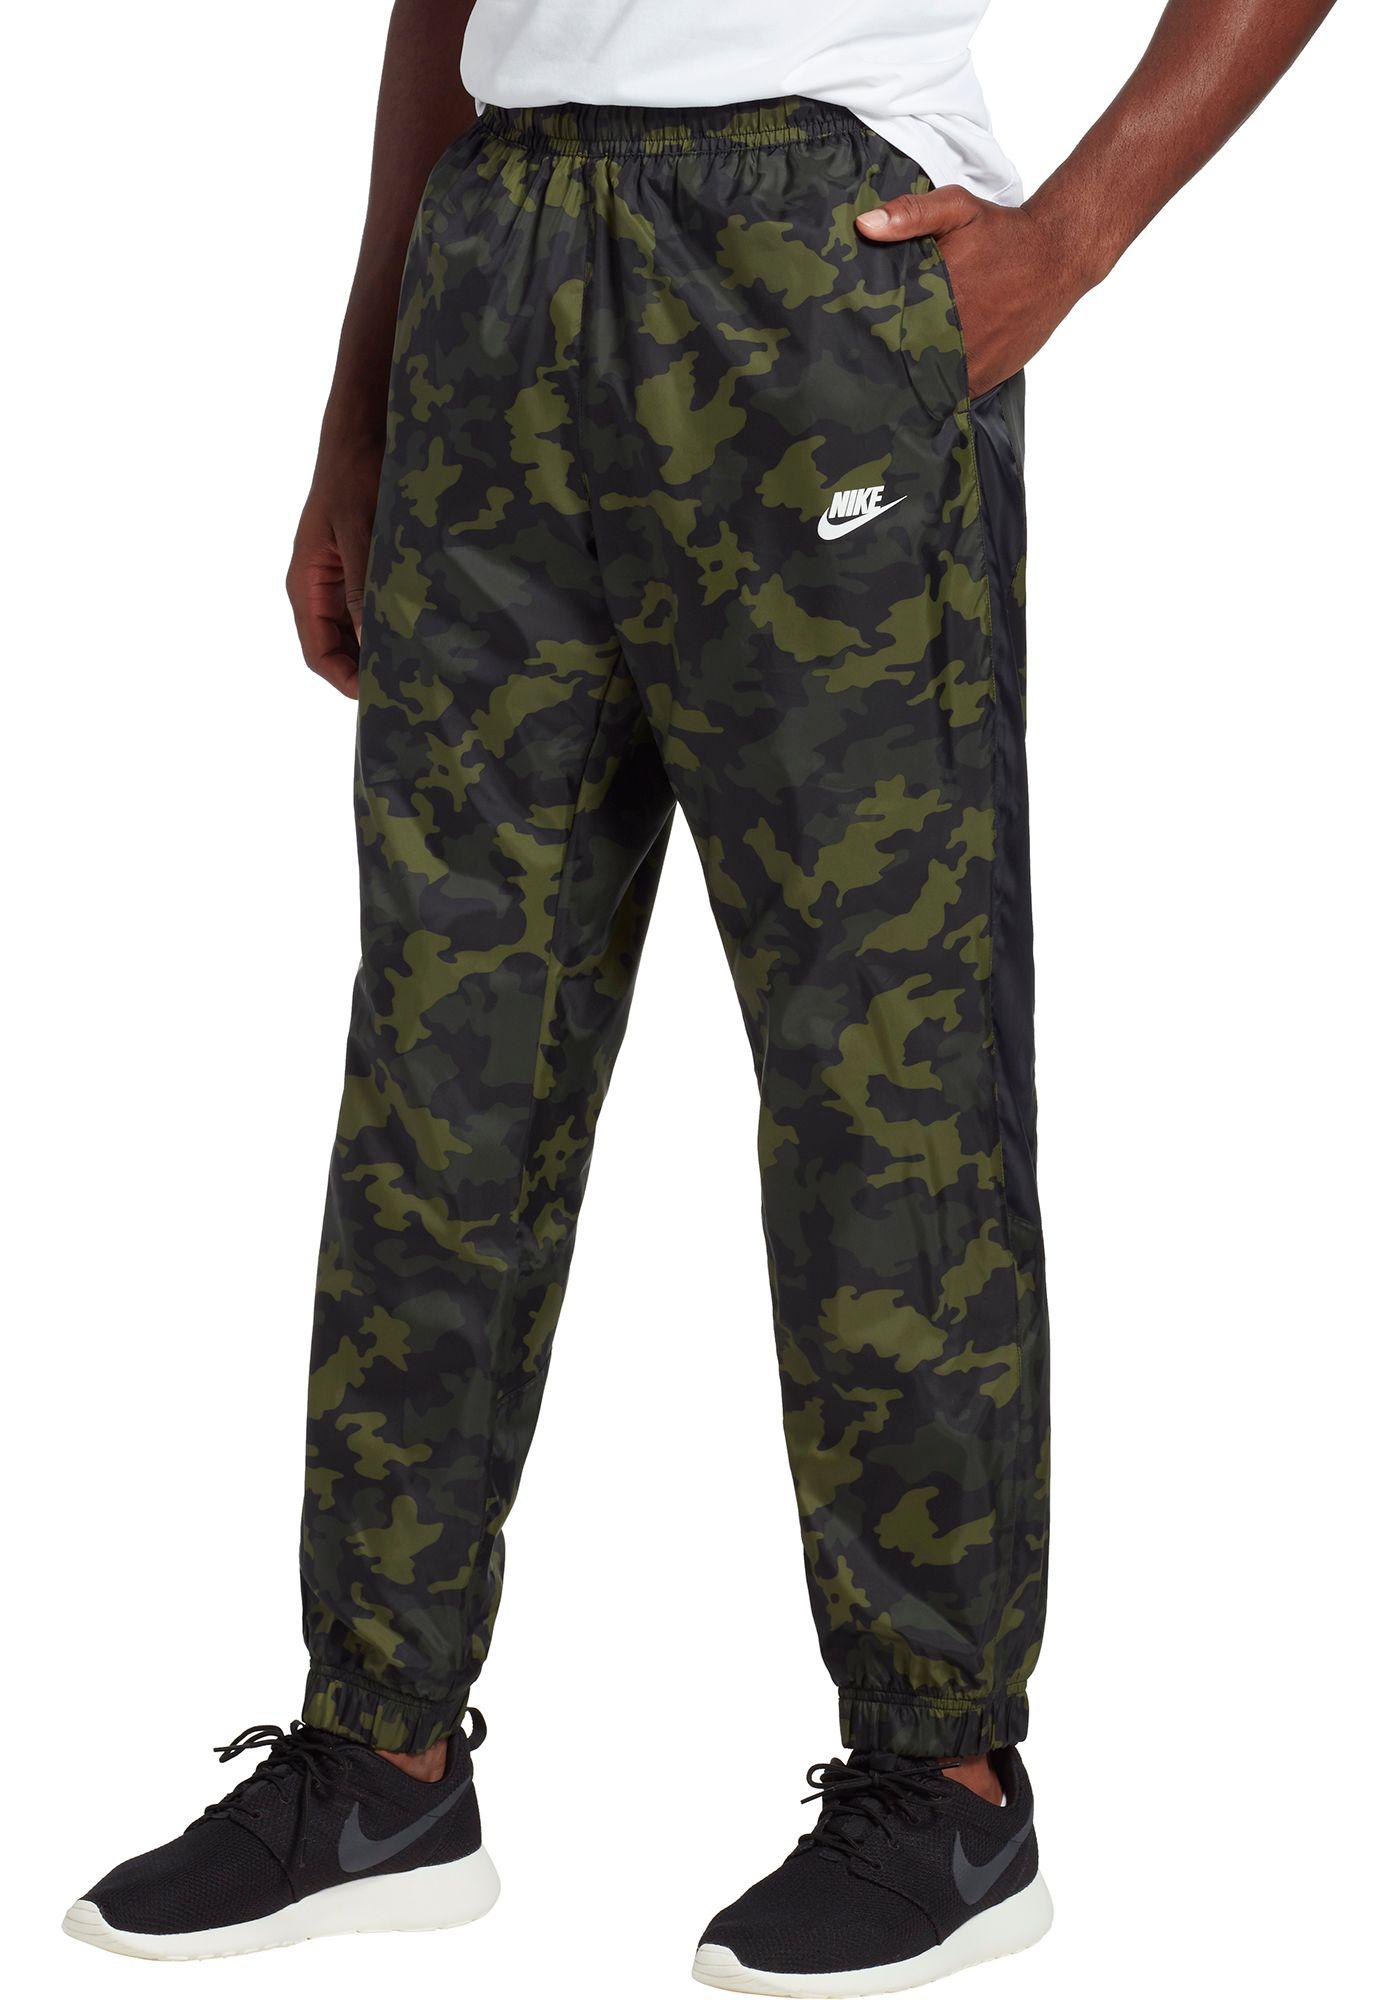 Nike Men's Sportswear Woven Camo Track Pants